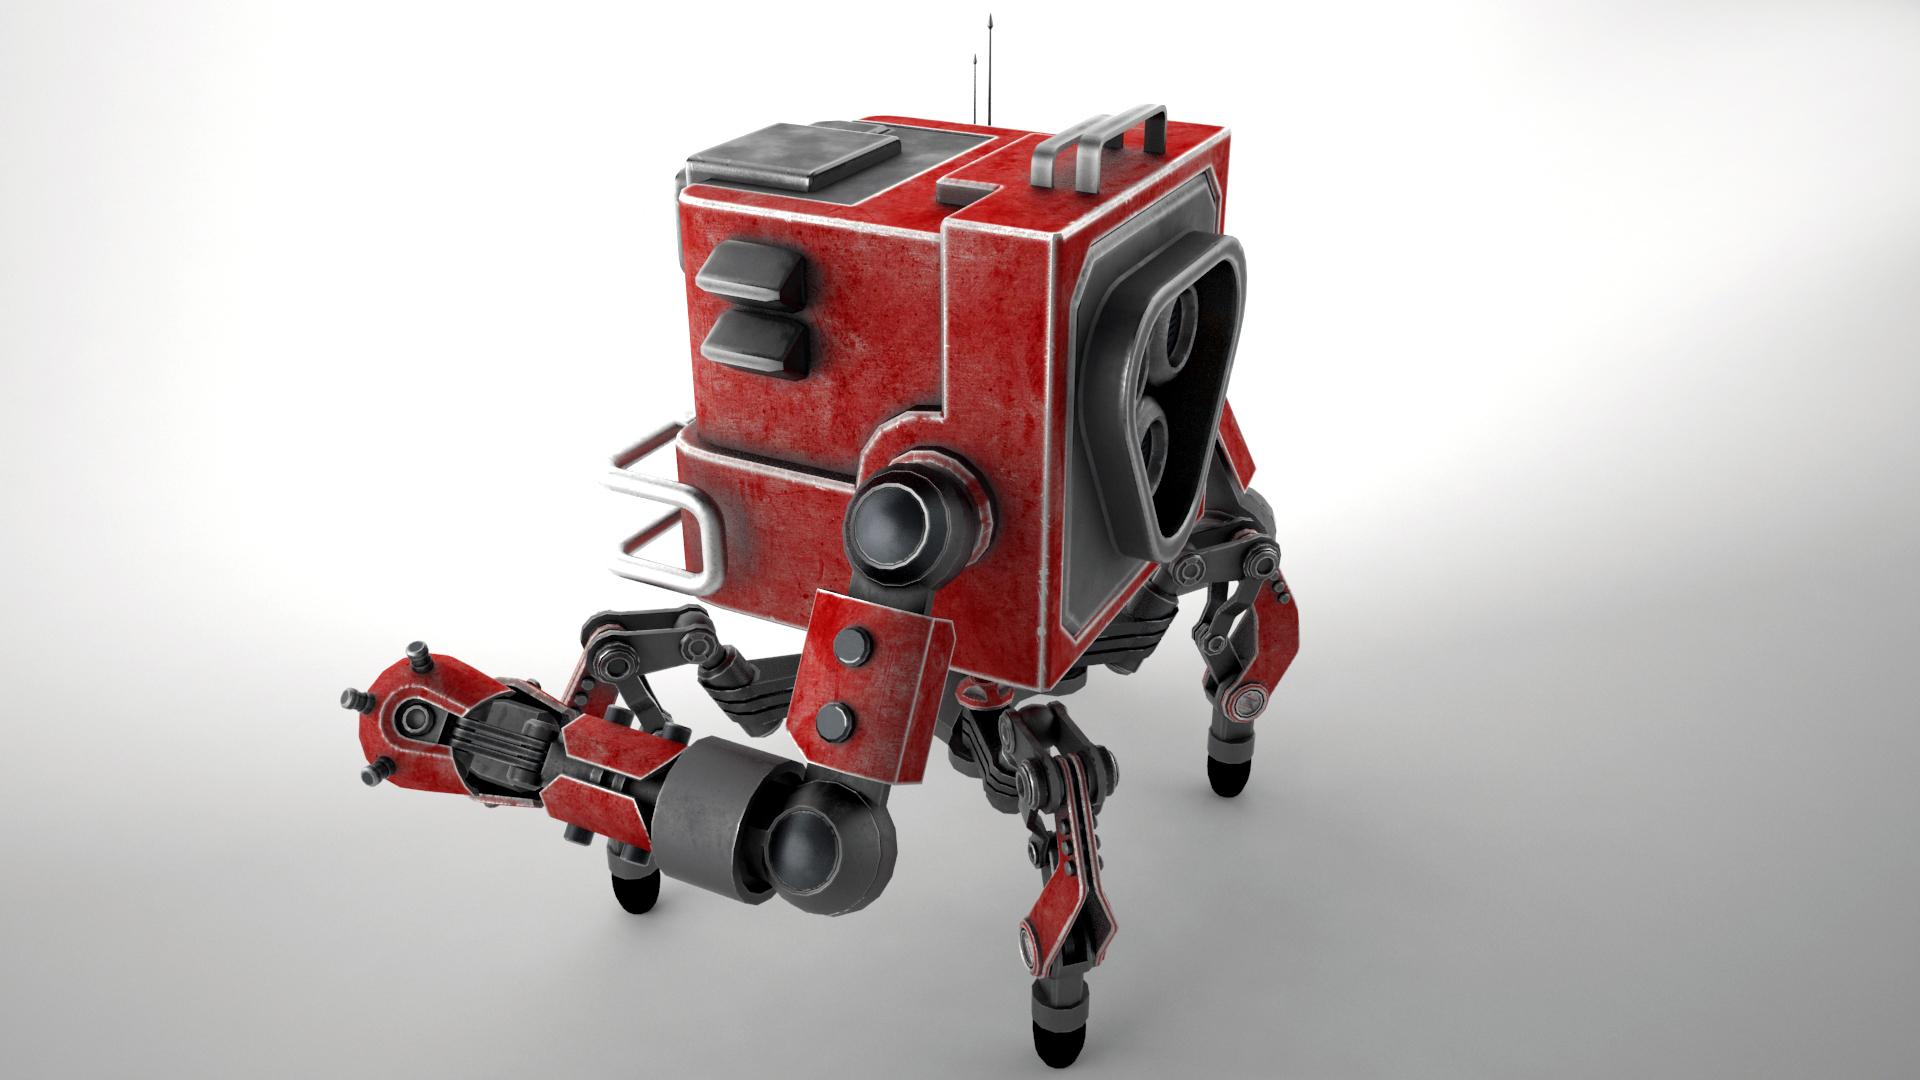 robot gsg1 3d model 3ds max fbx obj 267414